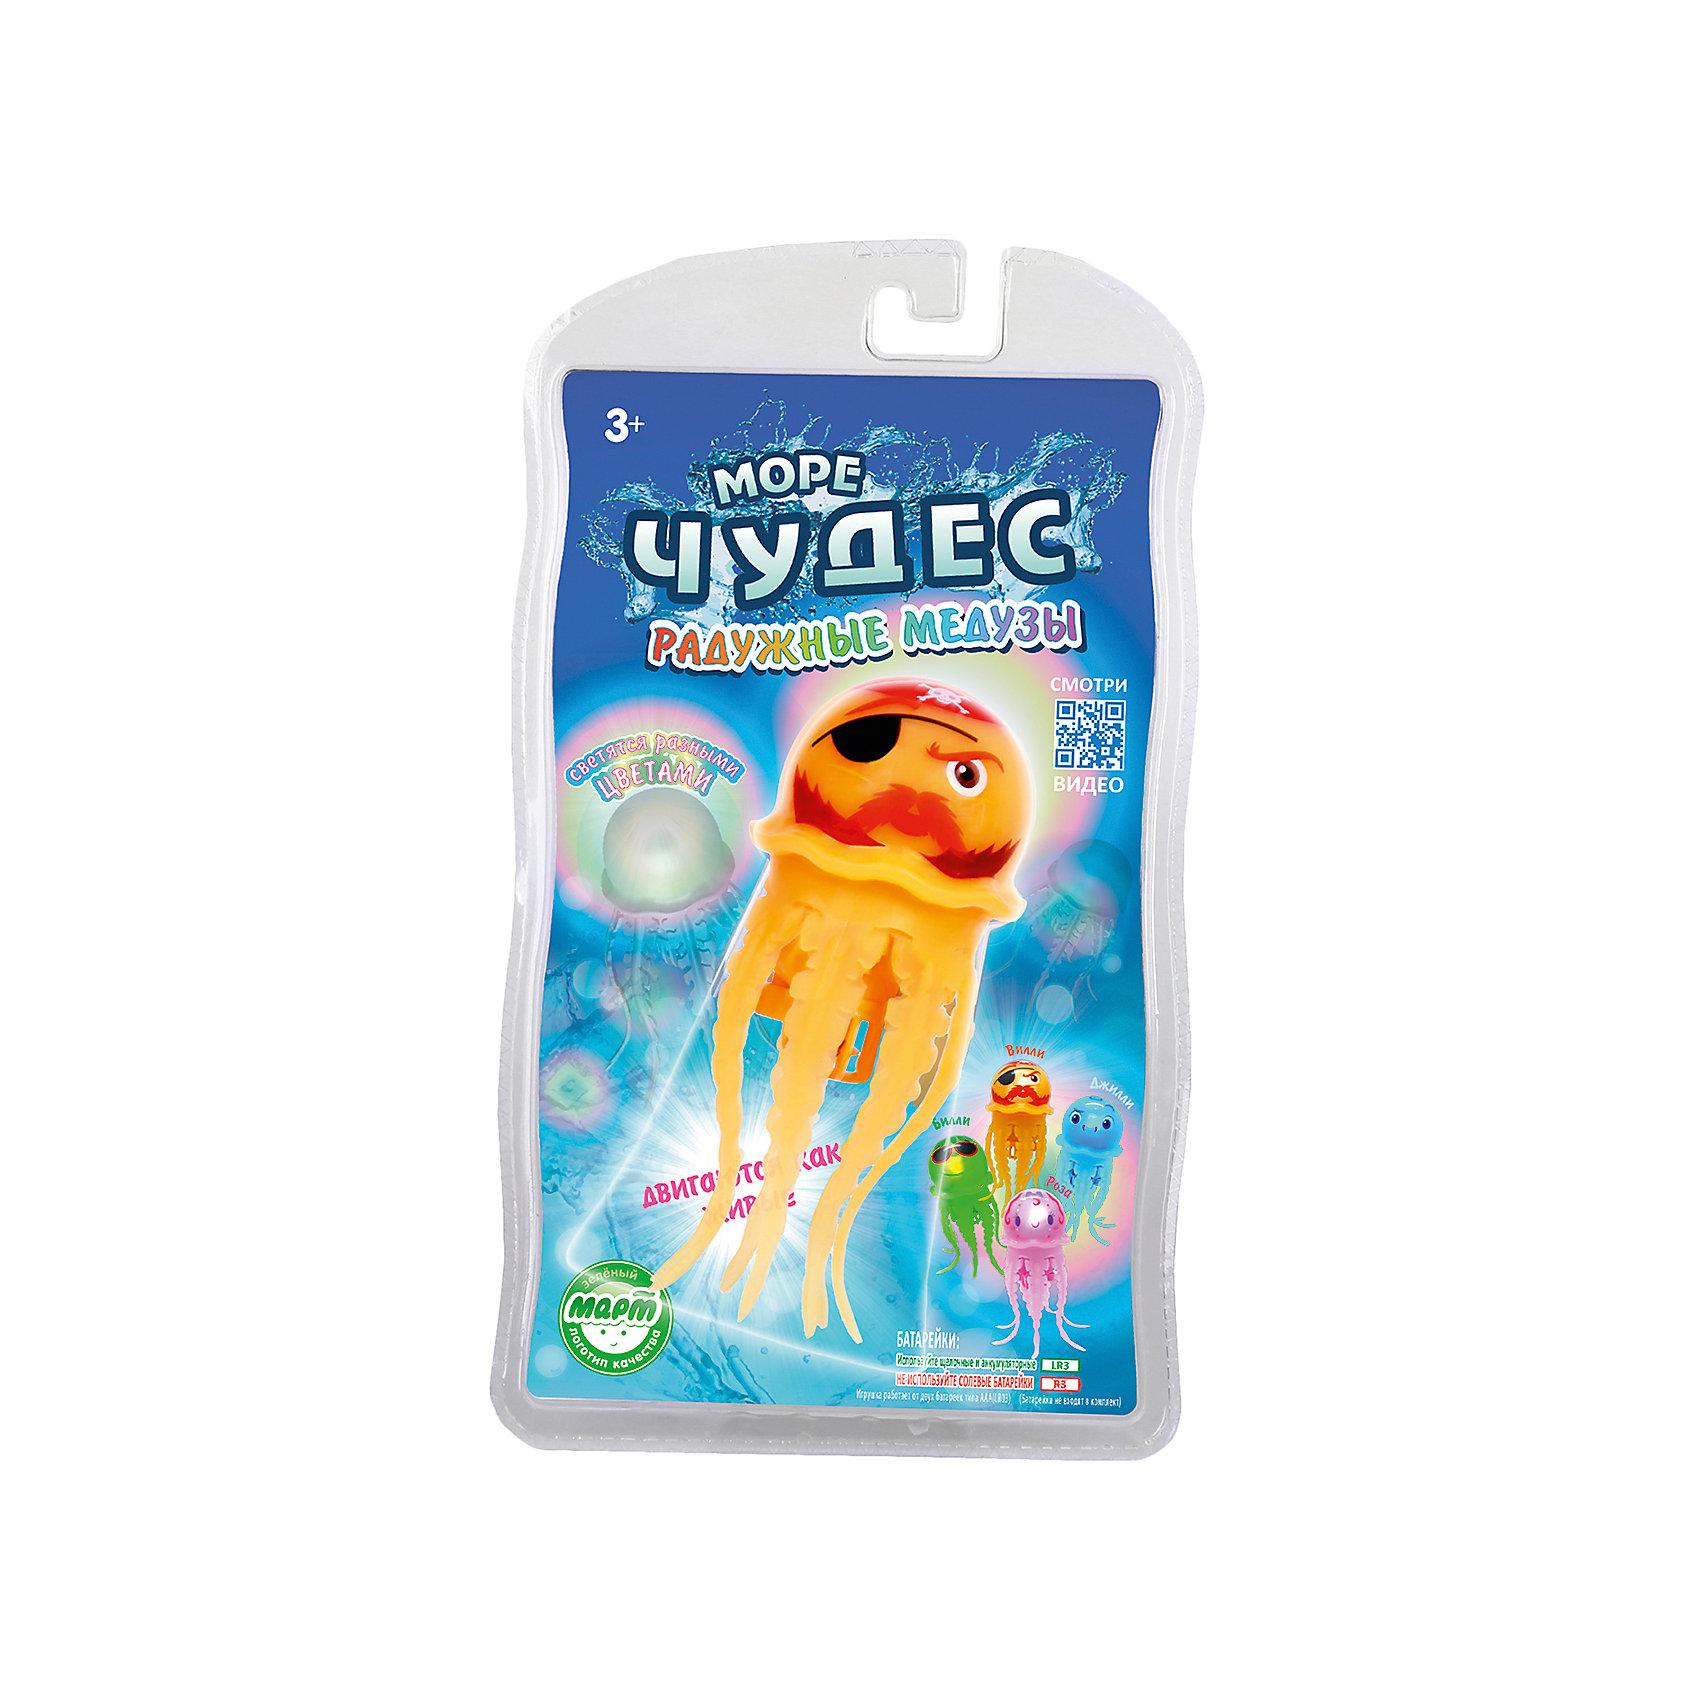 Плавающая радужная медуза Вилли, Море чудесДинамические игрушки<br>Эта веселая медуза обязательно понравится вашему ребенку! За счет моторчика, встроенного в туловище, медуза опускается на дно и поднимается к поверхности, шевеля щупальцами и повторяя движения настоящего животного, светится, изменяя цвет. Игрушка не требует специального ухода, выполнена из высококачественных материалов, безопасна для детей. Медуза прослужит еще дольше, если после игры вынимать ее из воды. <br><br>Дополнительная информация:<br><br>- Материал: пластик, силикон.<br>- Размер медузы: 12 см. <br>- Элемент питания: 2 батарейки ААА (не входят в комплект).<br>- Светится.<br>- Цвет: оранжевый. <br><br>Радужную медузу Вилли, Море чудес можно купить в нашем магазине.<br><br>Ширина мм: 140<br>Глубина мм: 60<br>Высота мм: 240<br>Вес г: 103<br>Возраст от месяцев: 36<br>Возраст до месяцев: 72<br>Пол: Унисекс<br>Возраст: Детский<br>SKU: 3970427